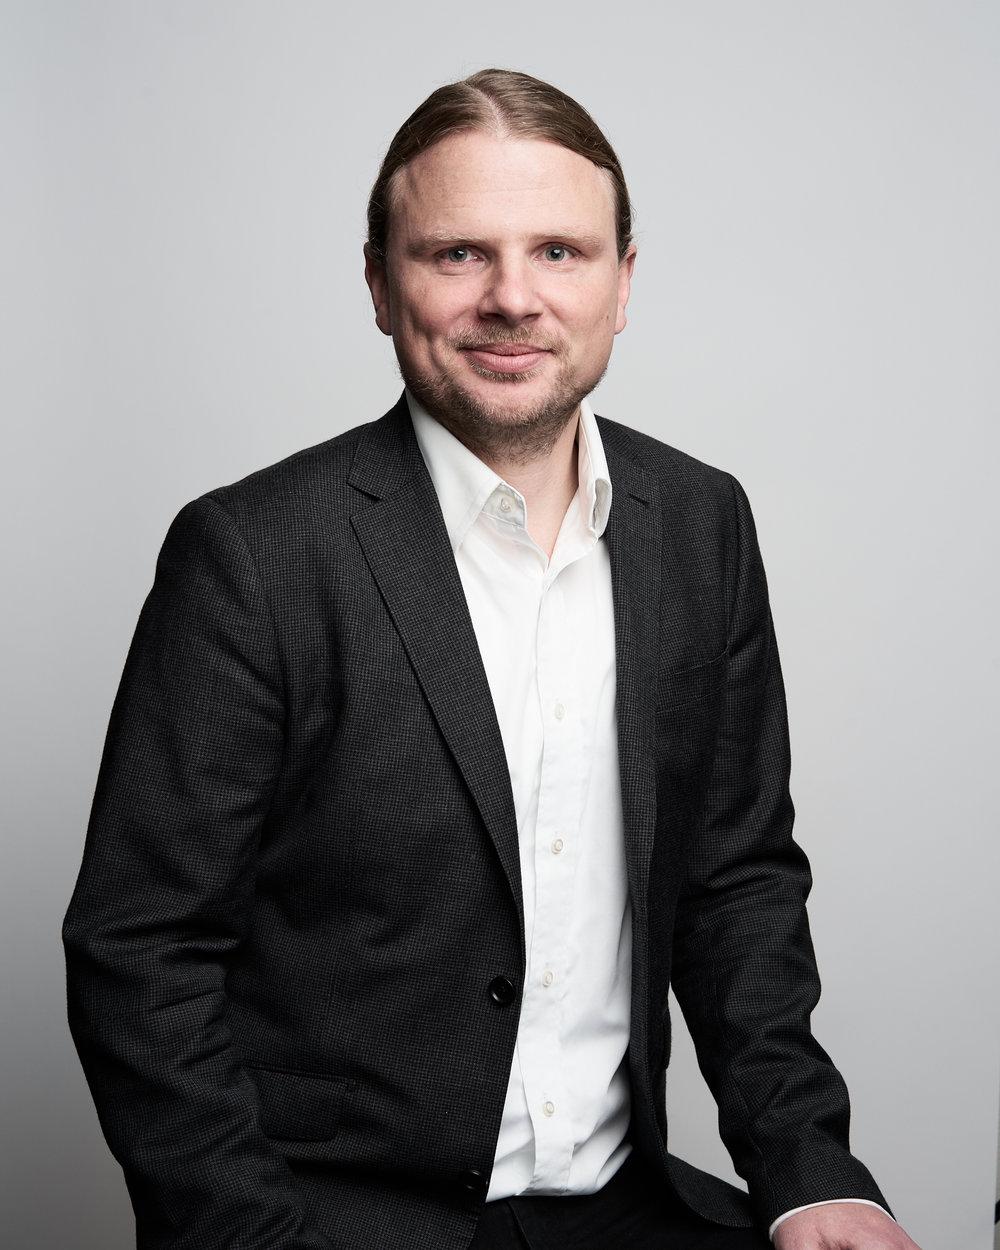 Tobias Widell